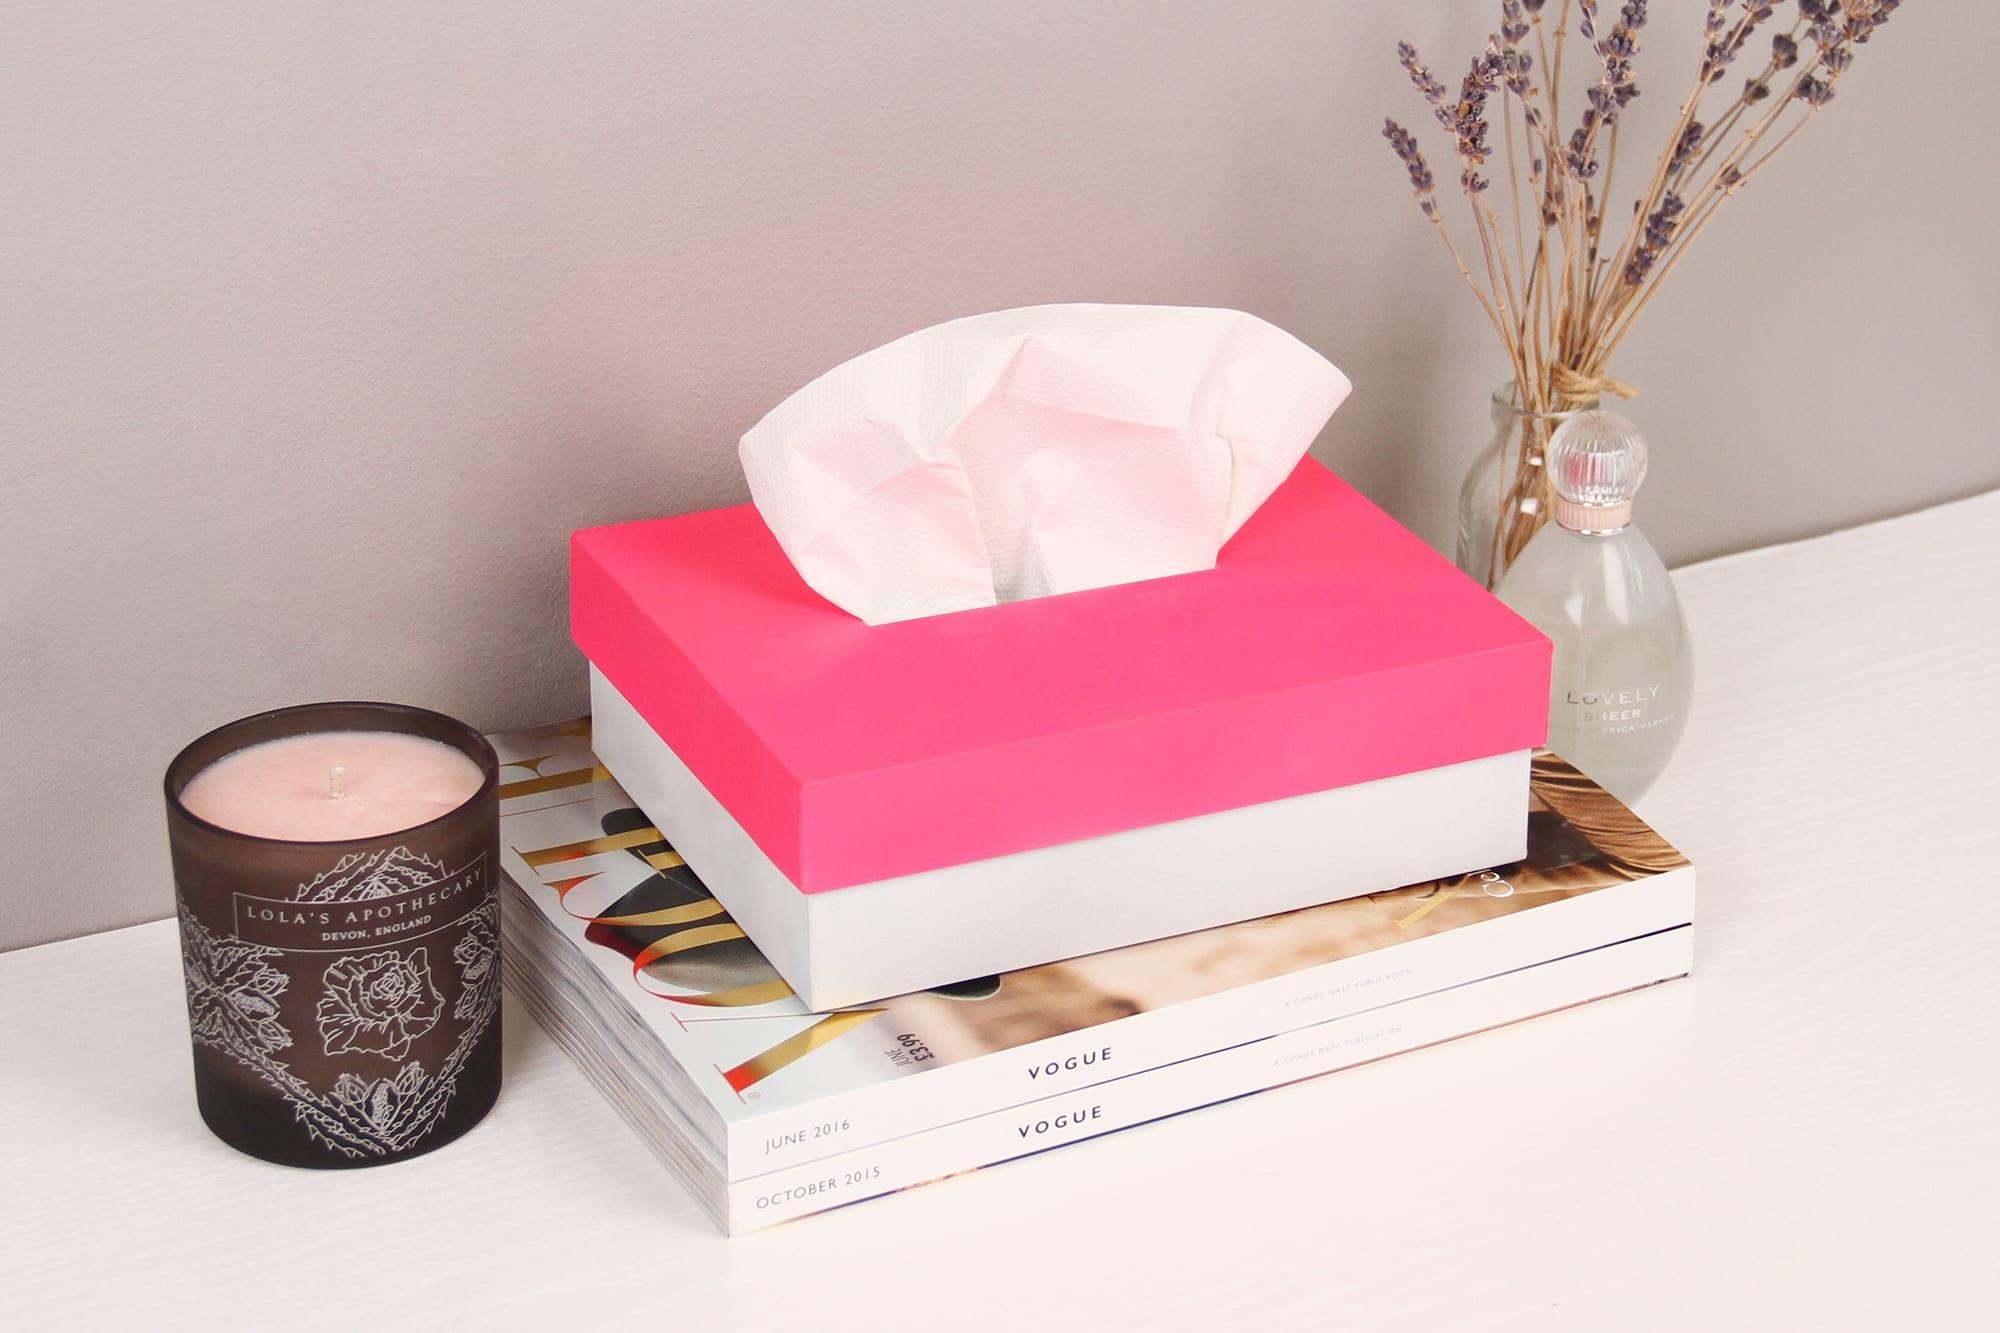 glossybox-box-upscale-tissue-box